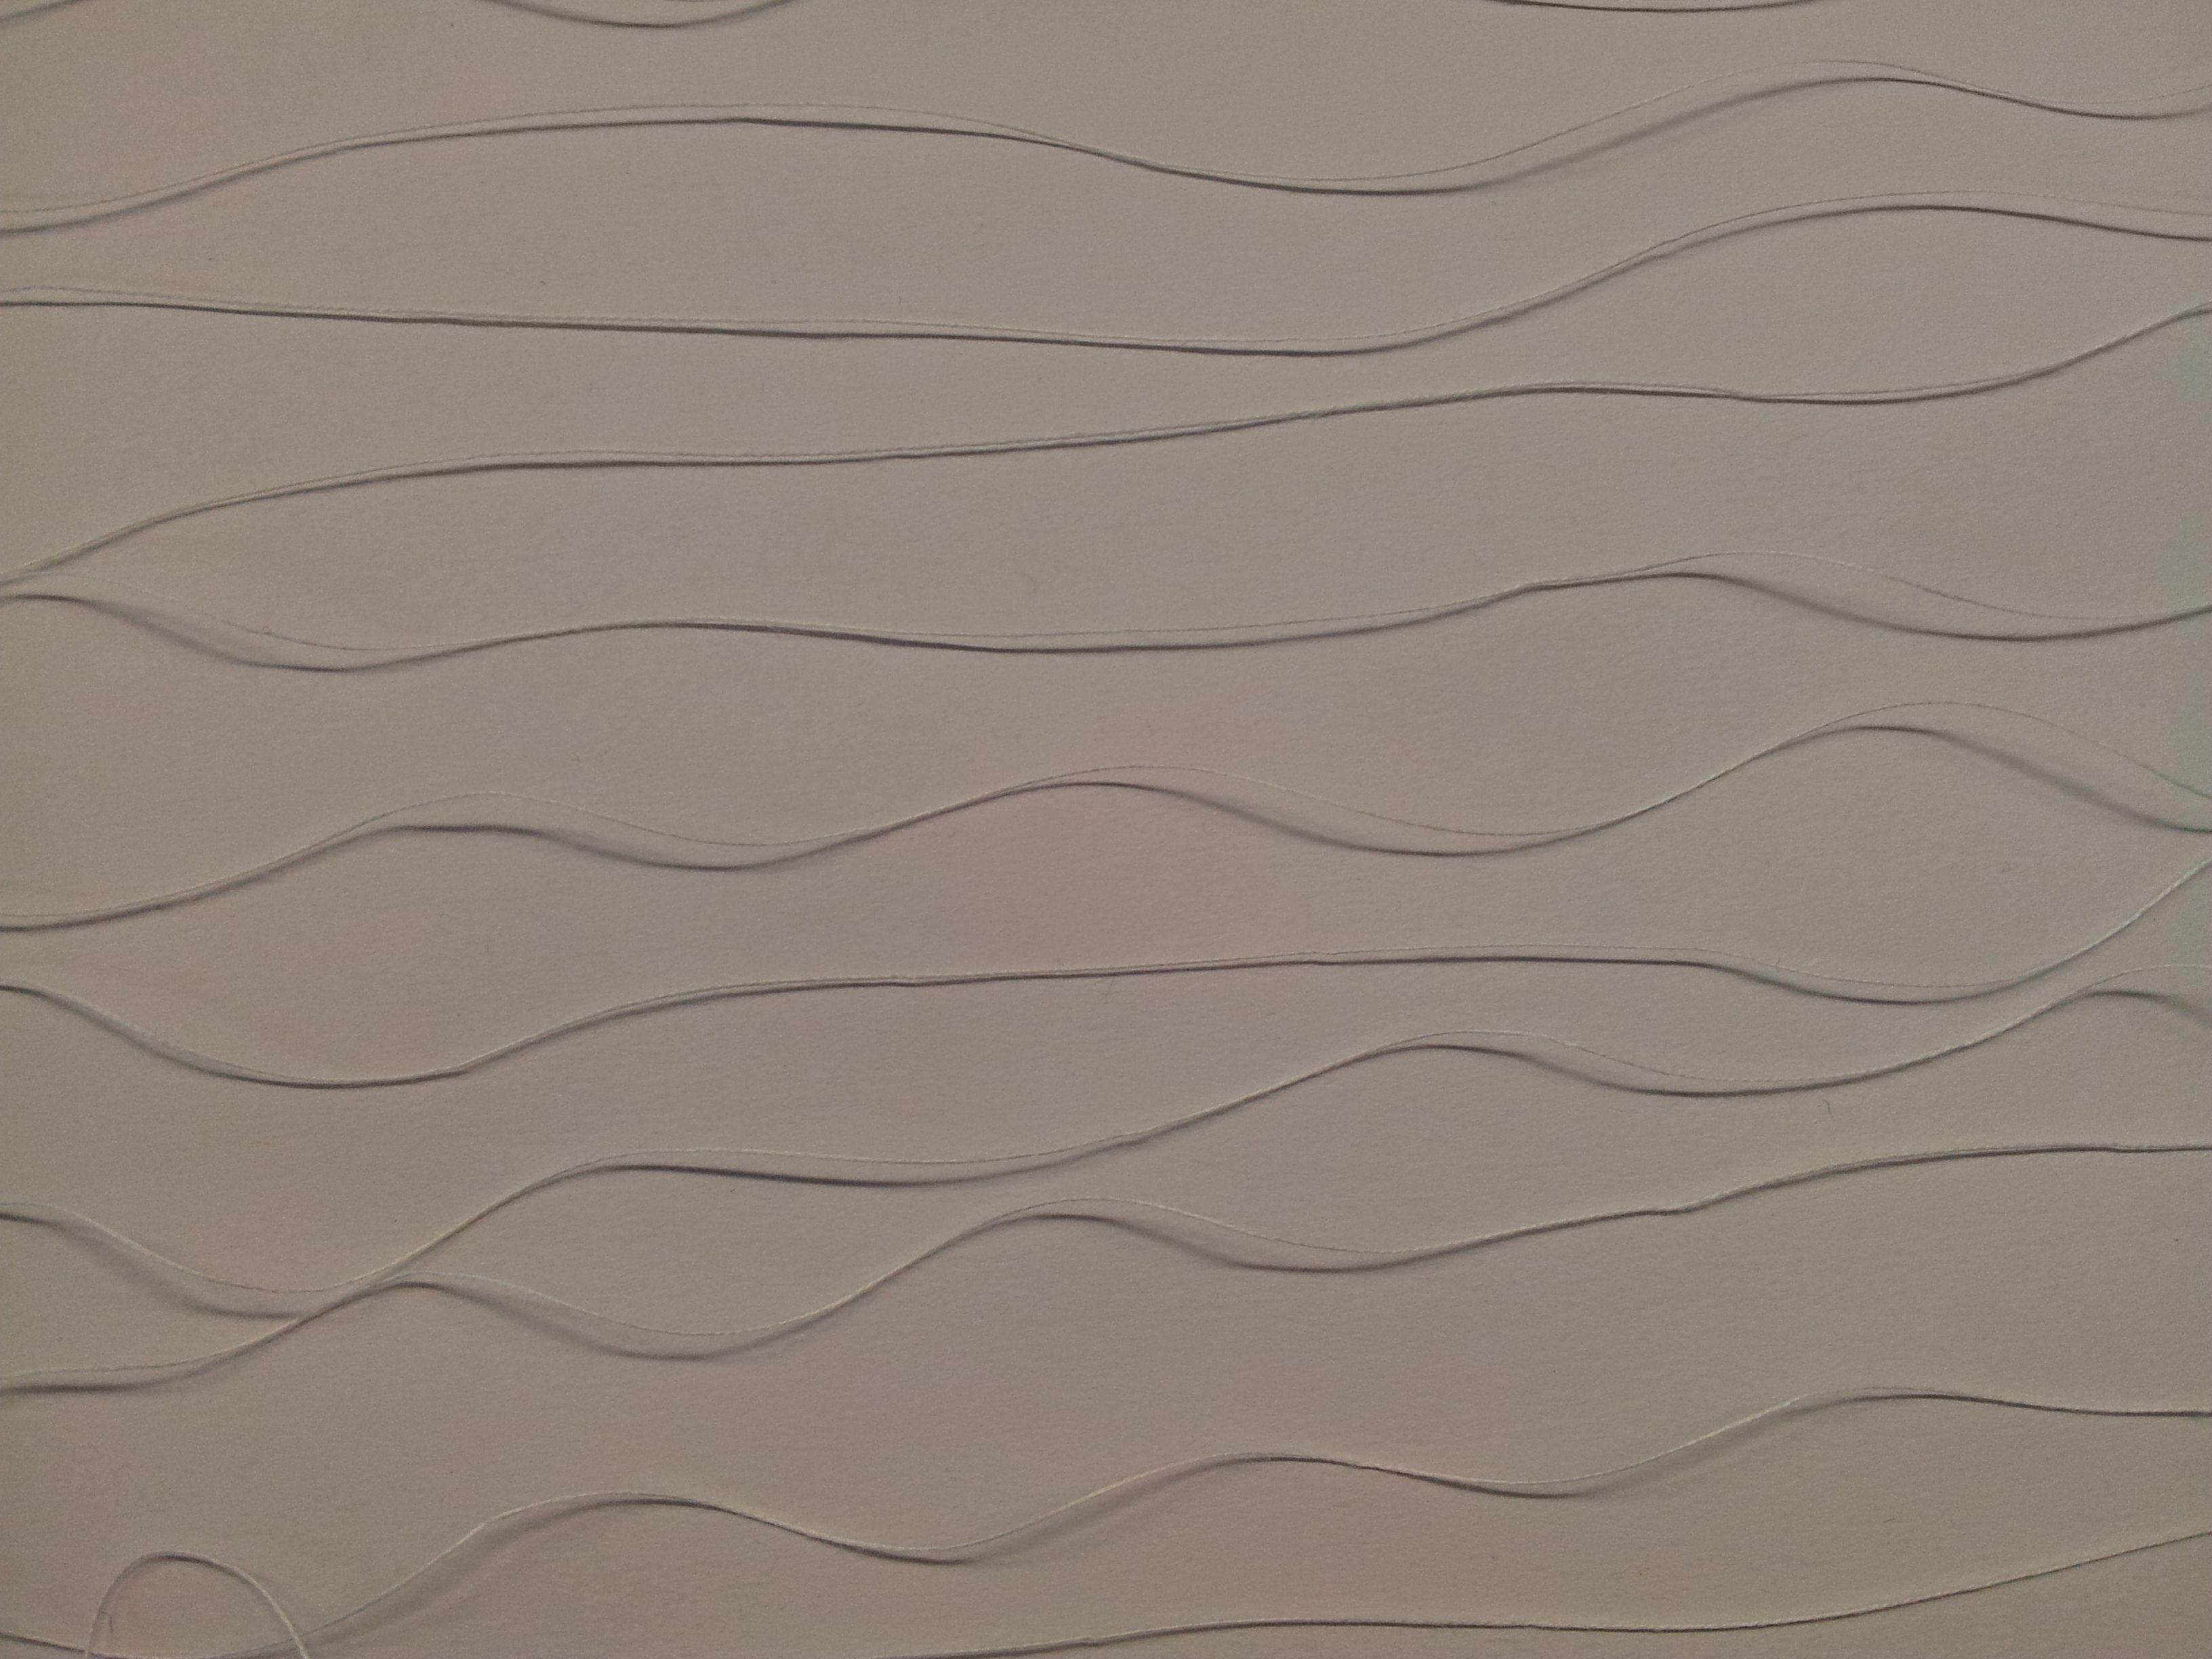 witte draadjes tegen witte achtergrond